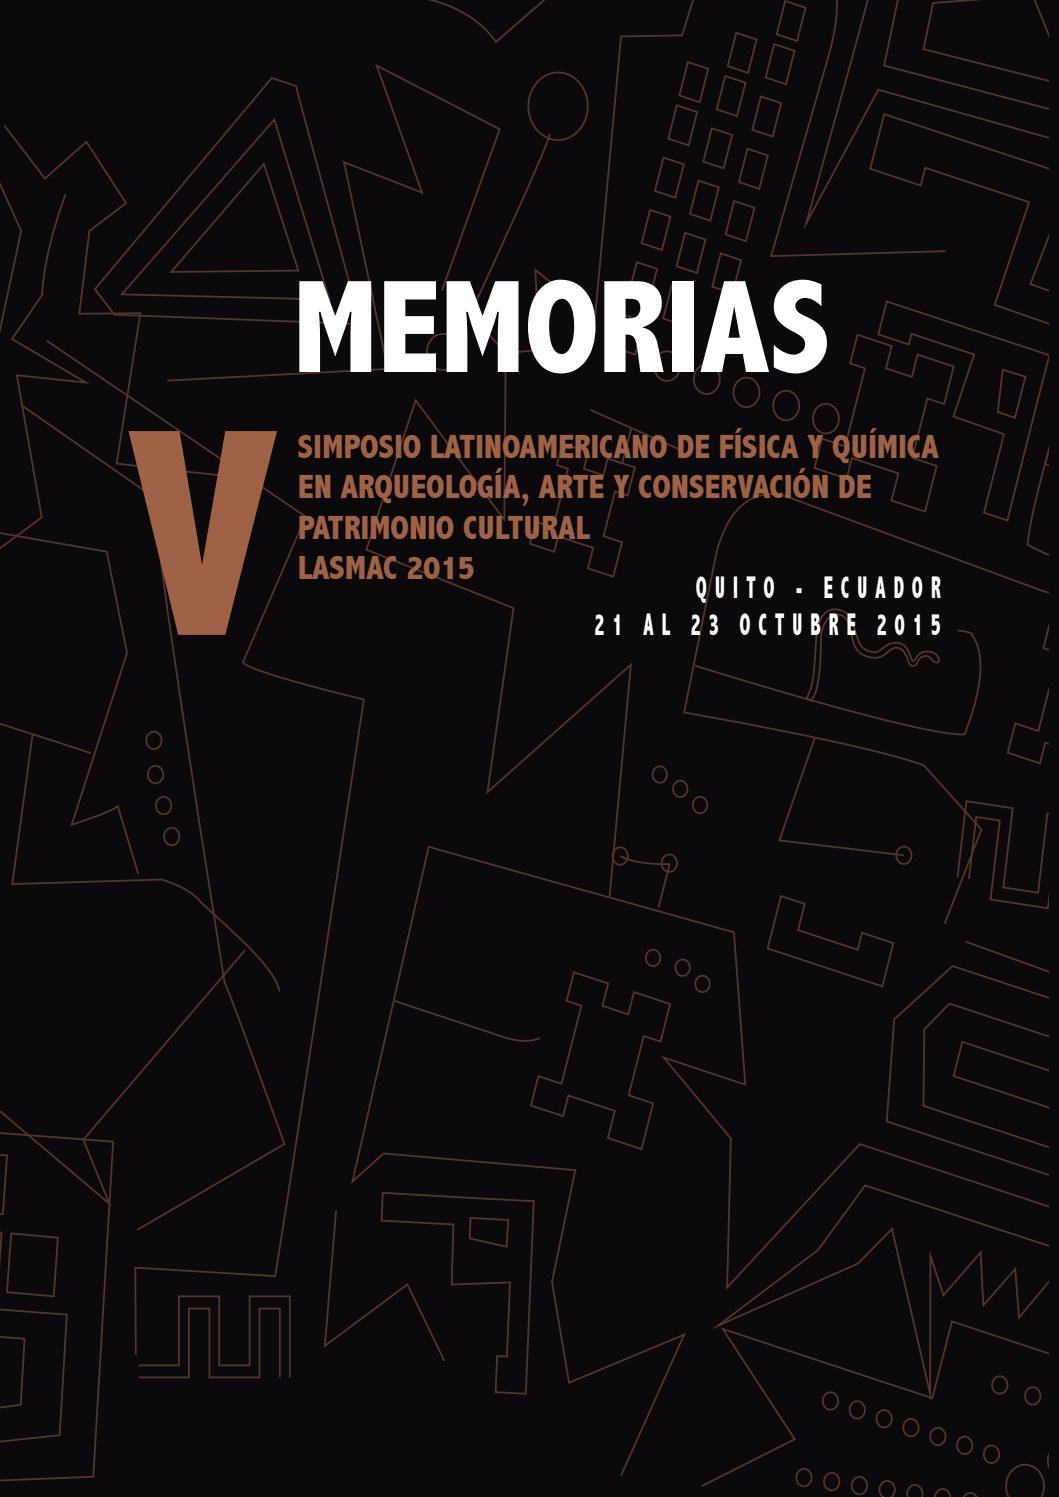 Memorias Lasmac 2015 by Quito Lasmac - issuu